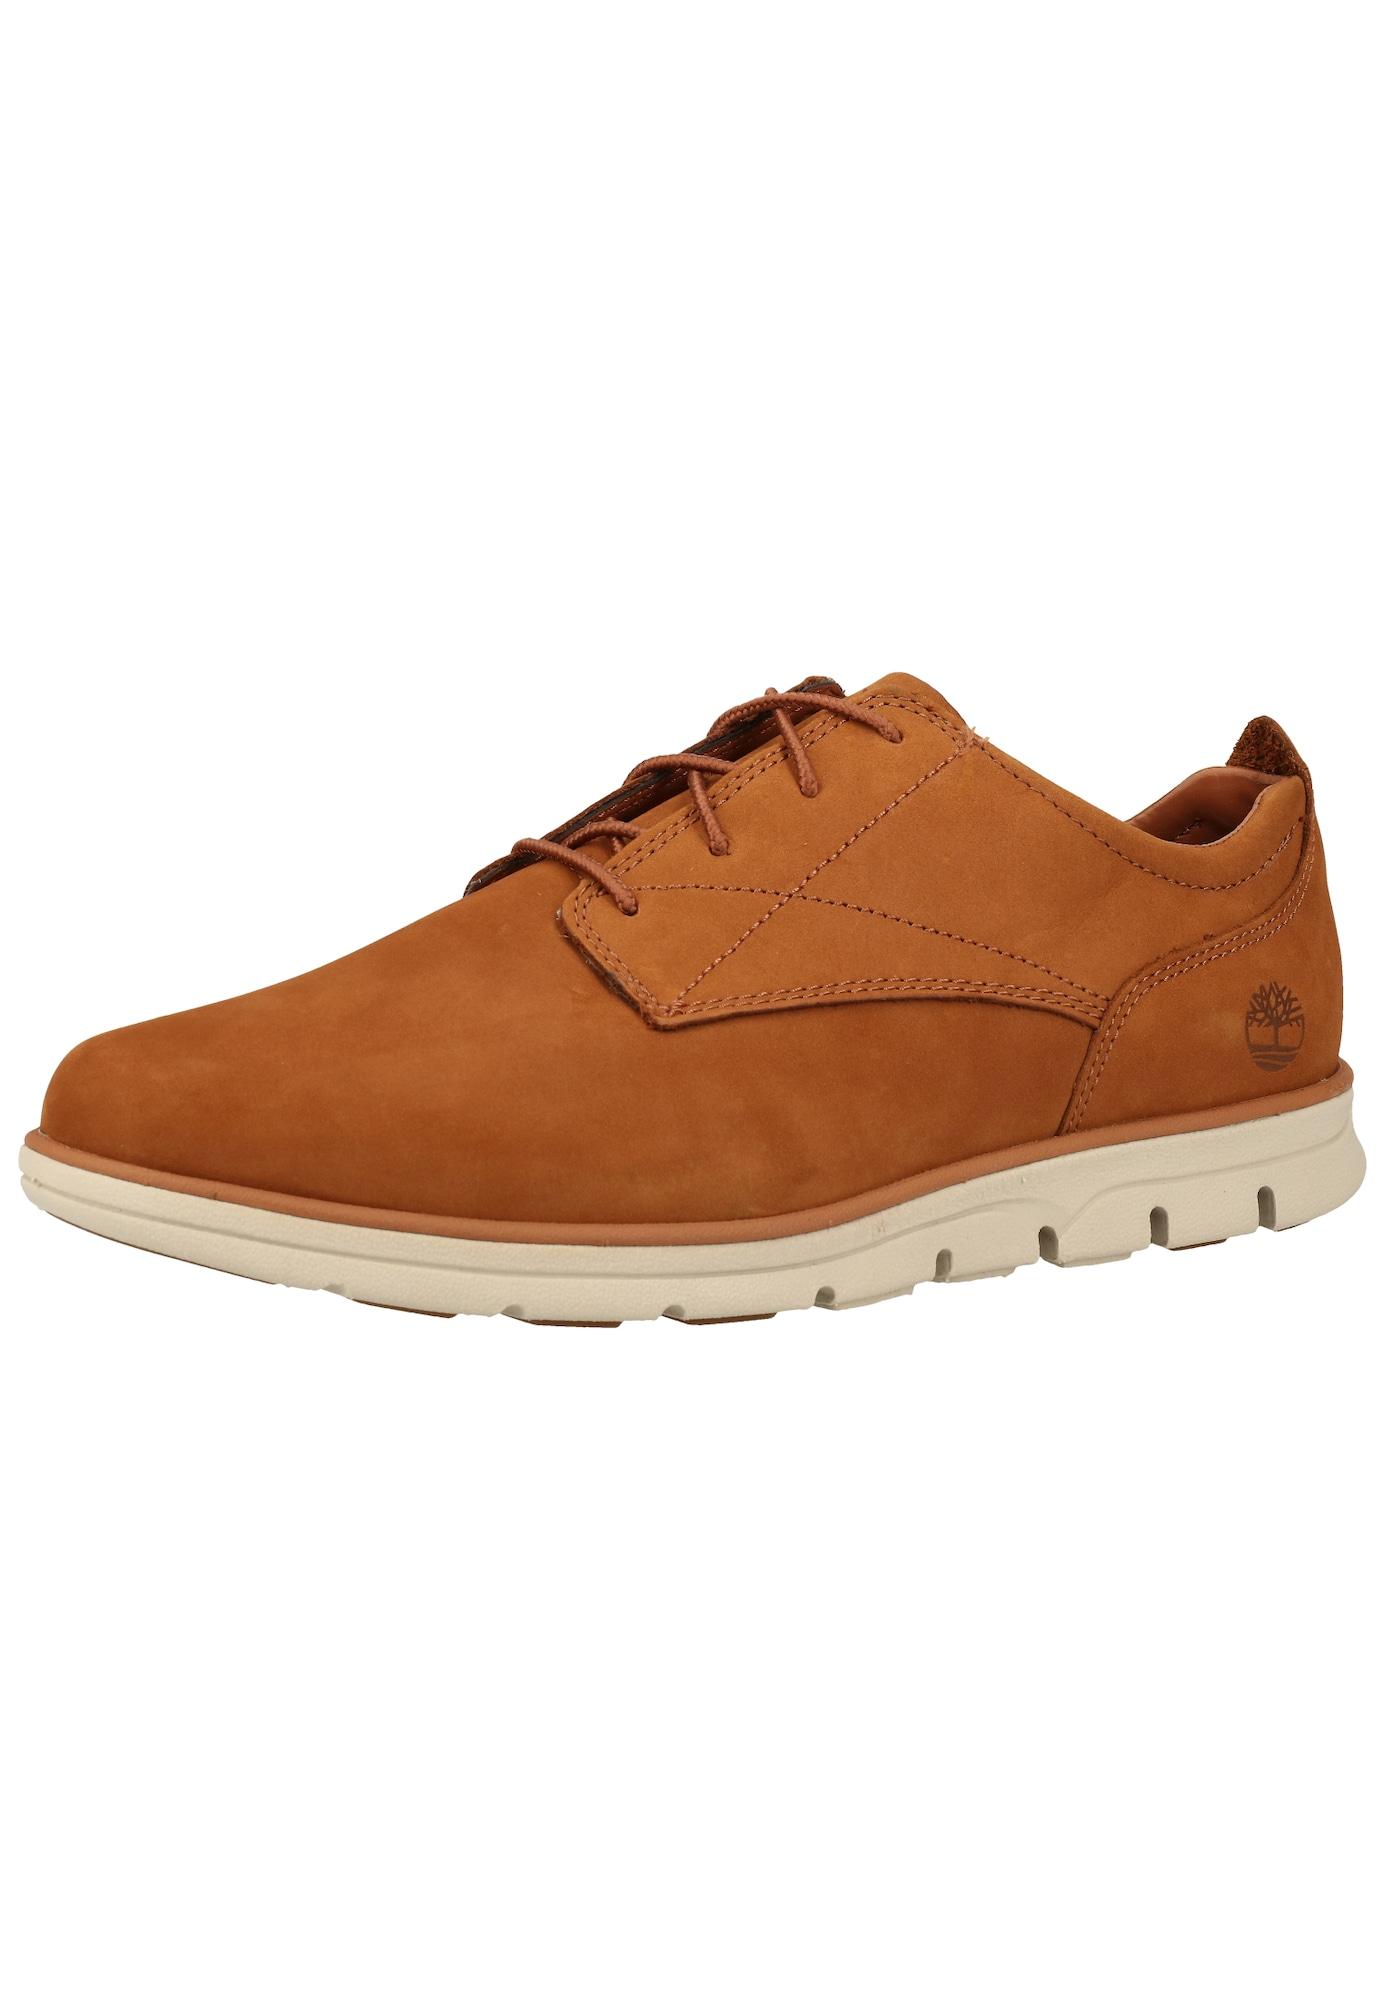 TIMBERLAND Sportinio stiliaus batai su raišteliais ruda (konjako)